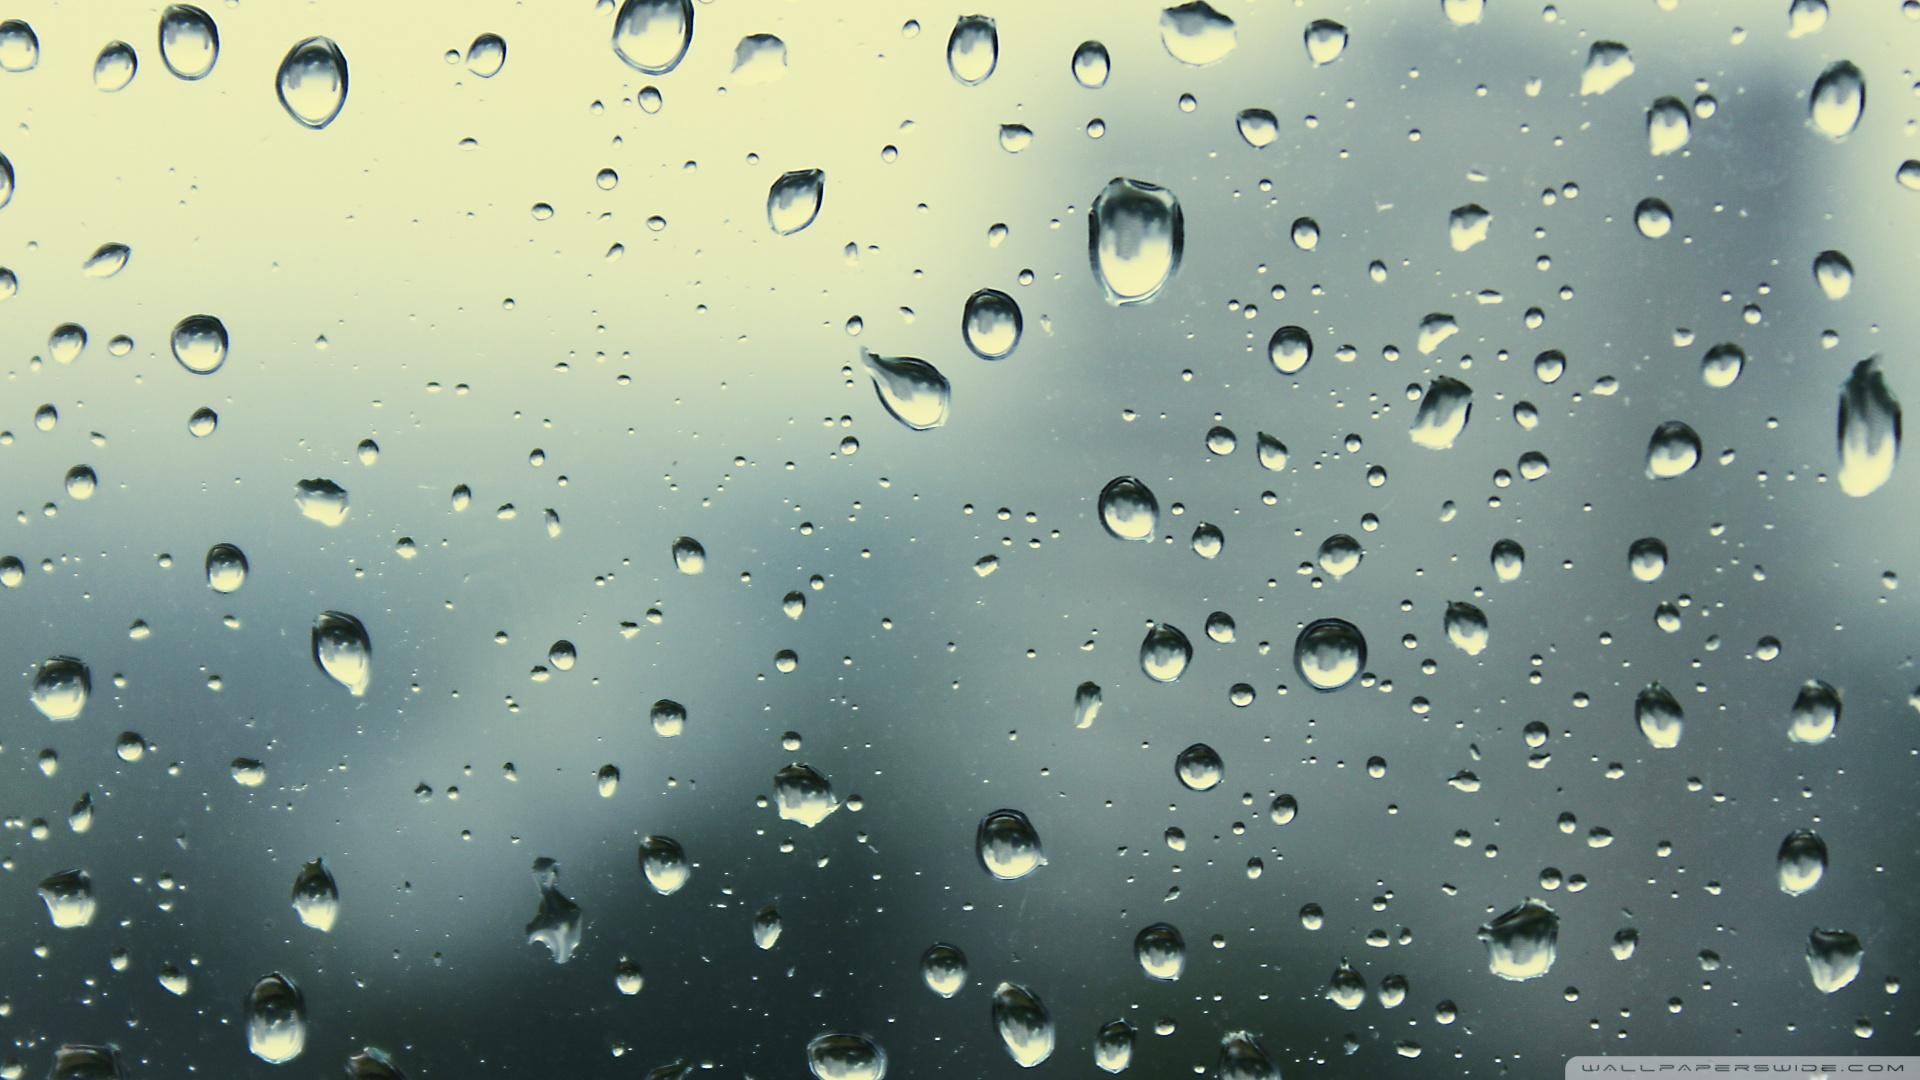 Nature & Landscape Rain Drops wallpapers (Desktop, Phone, Tablet ...